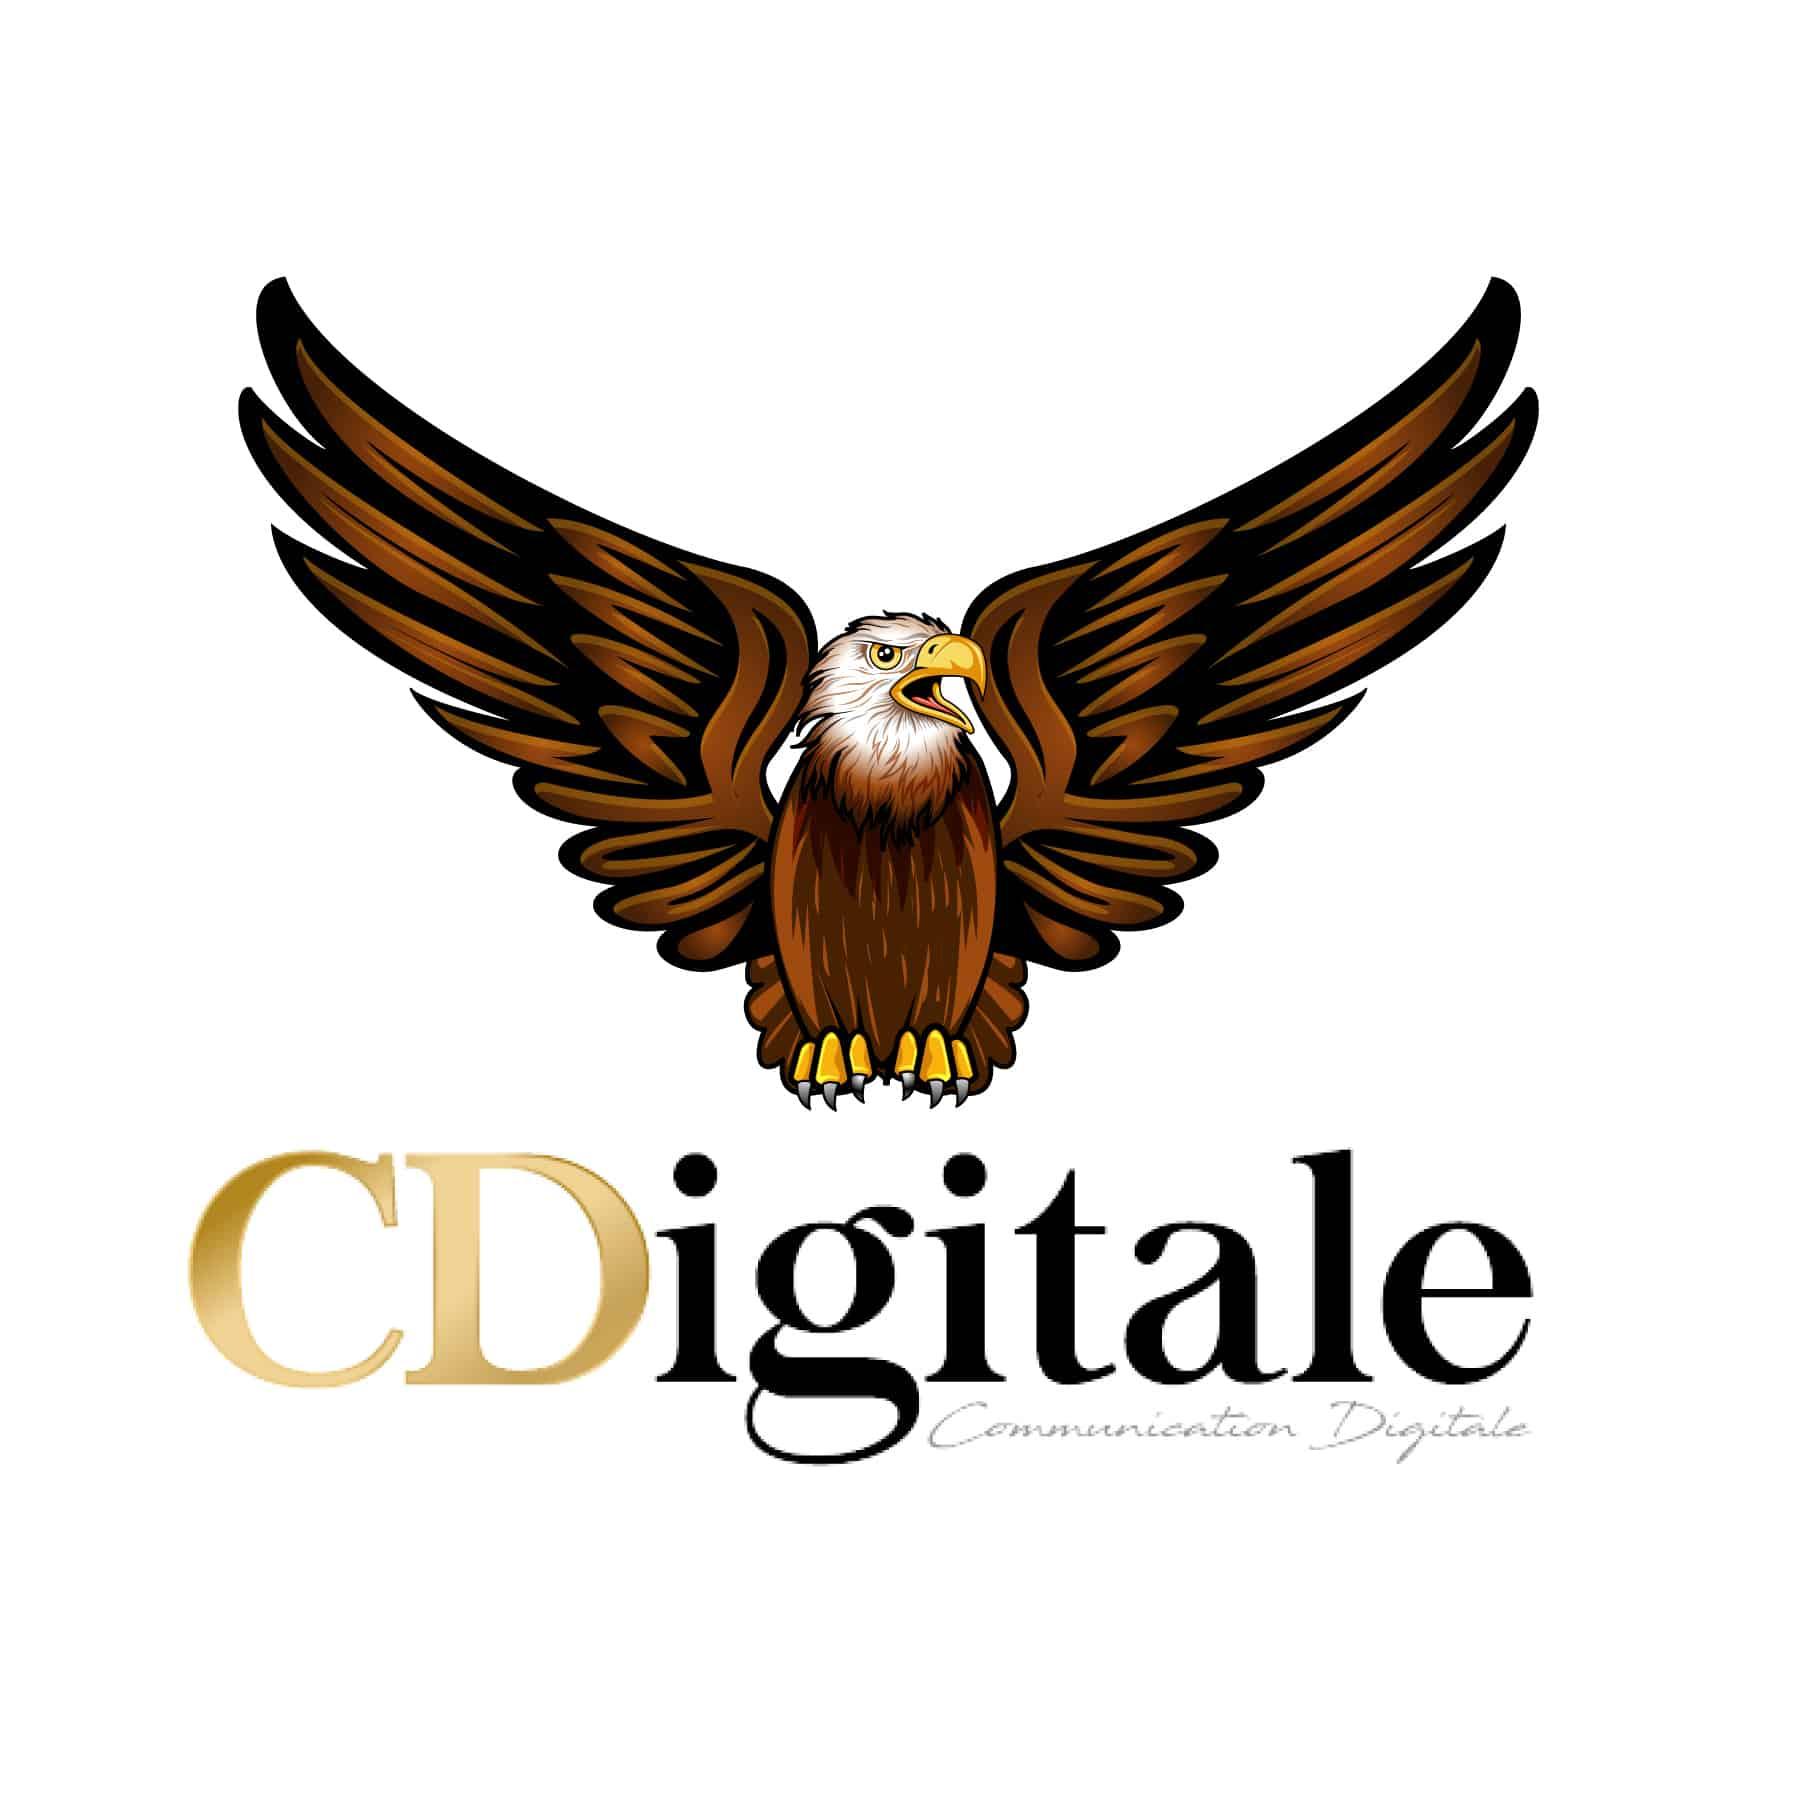 Création logo entreprise gratuit-fun-atypique CDigitaleⓇ